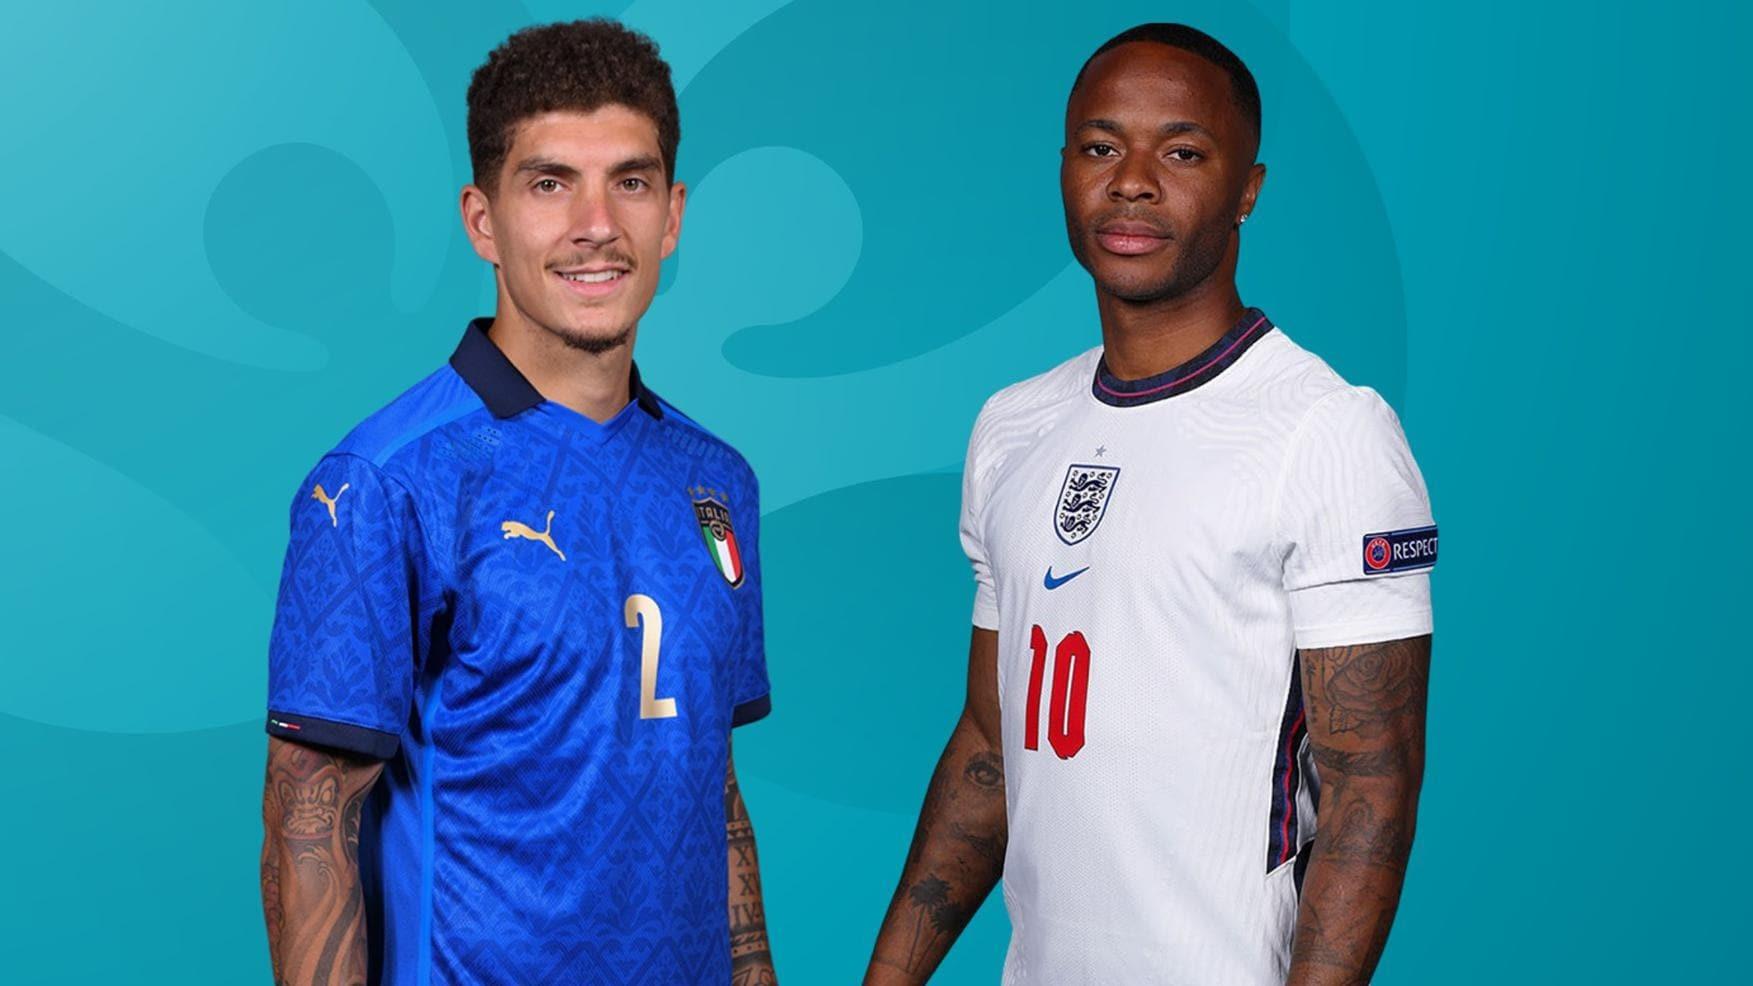 Italy vs Anh: 4 điểm nóng quyết định chung kết EURO 2020